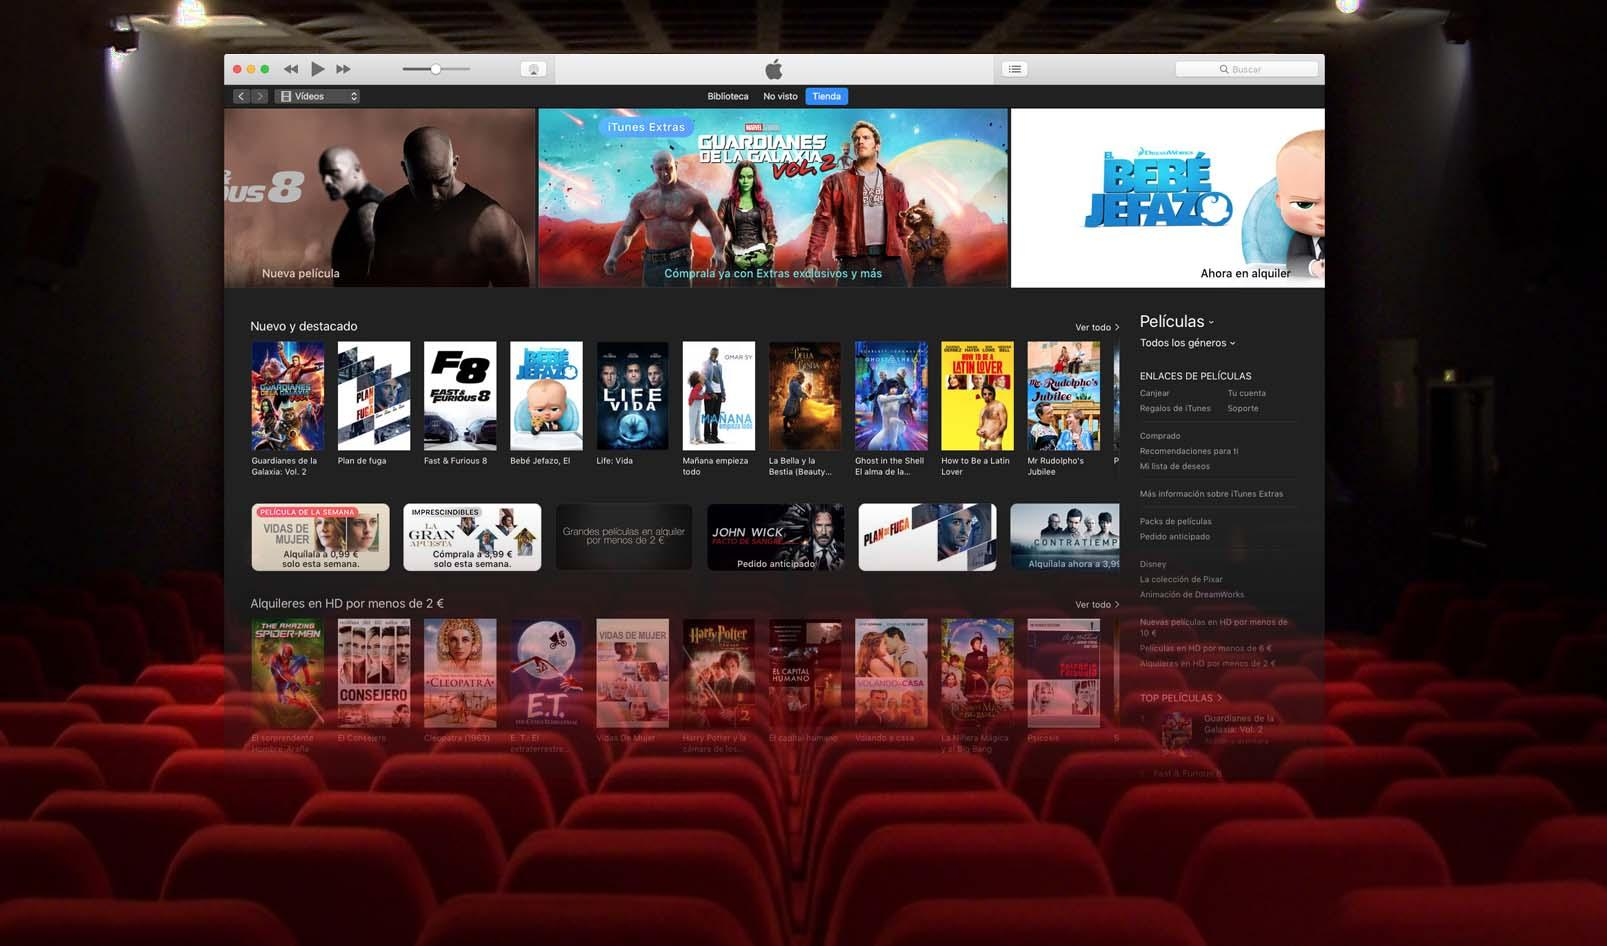 Las películas de cine podrían llegar a iTunes a las 2 semanas de su estreno